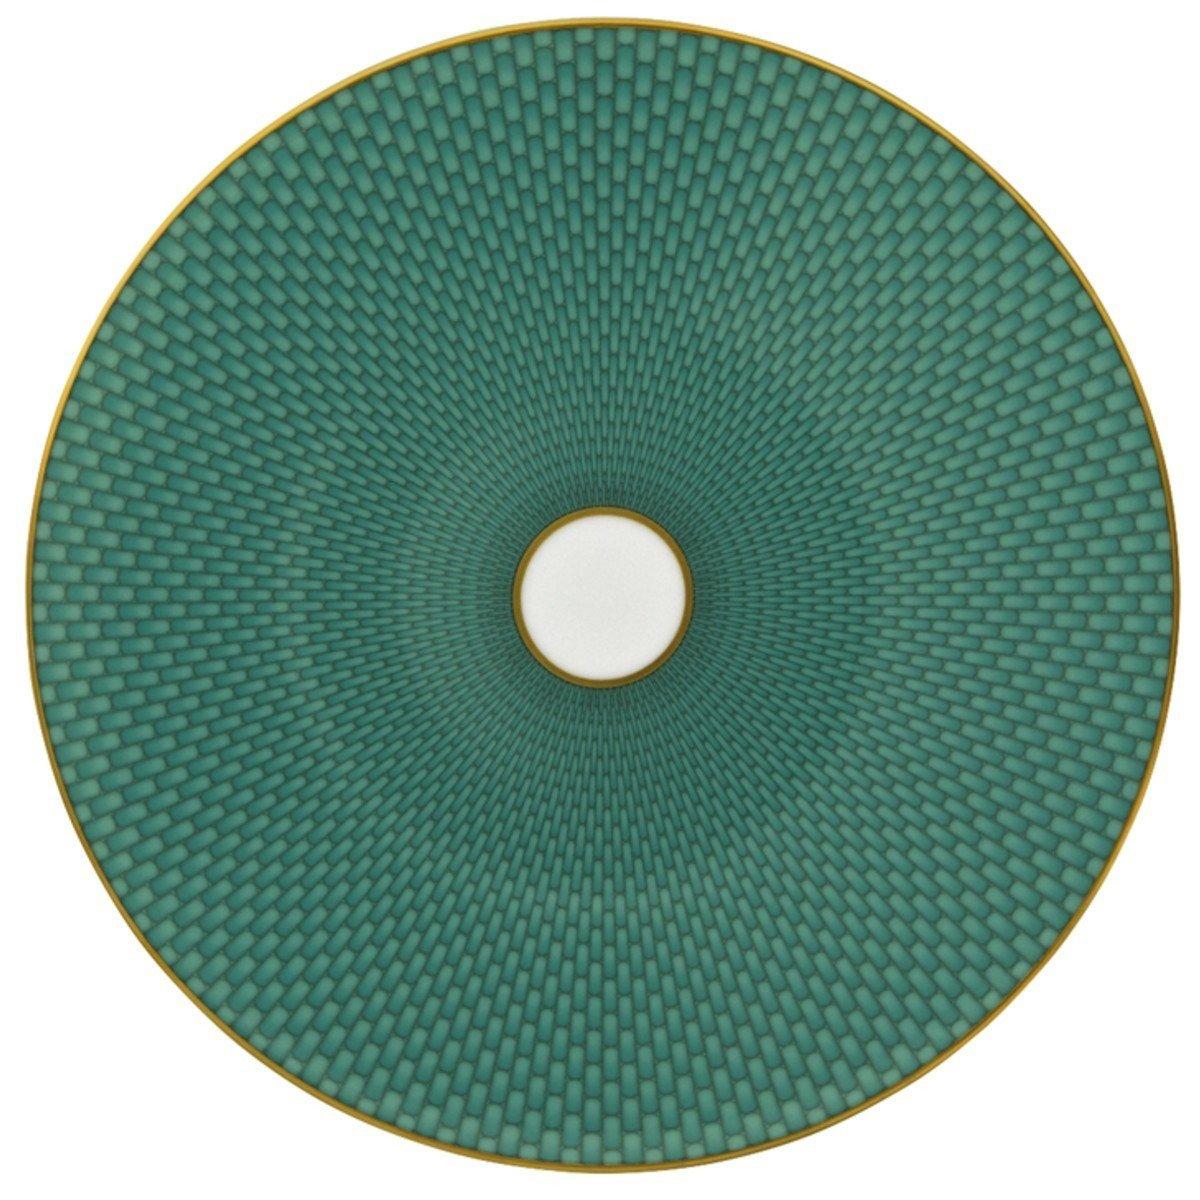 Raynaud 2012 Trésor Turquoise Dessert Plate